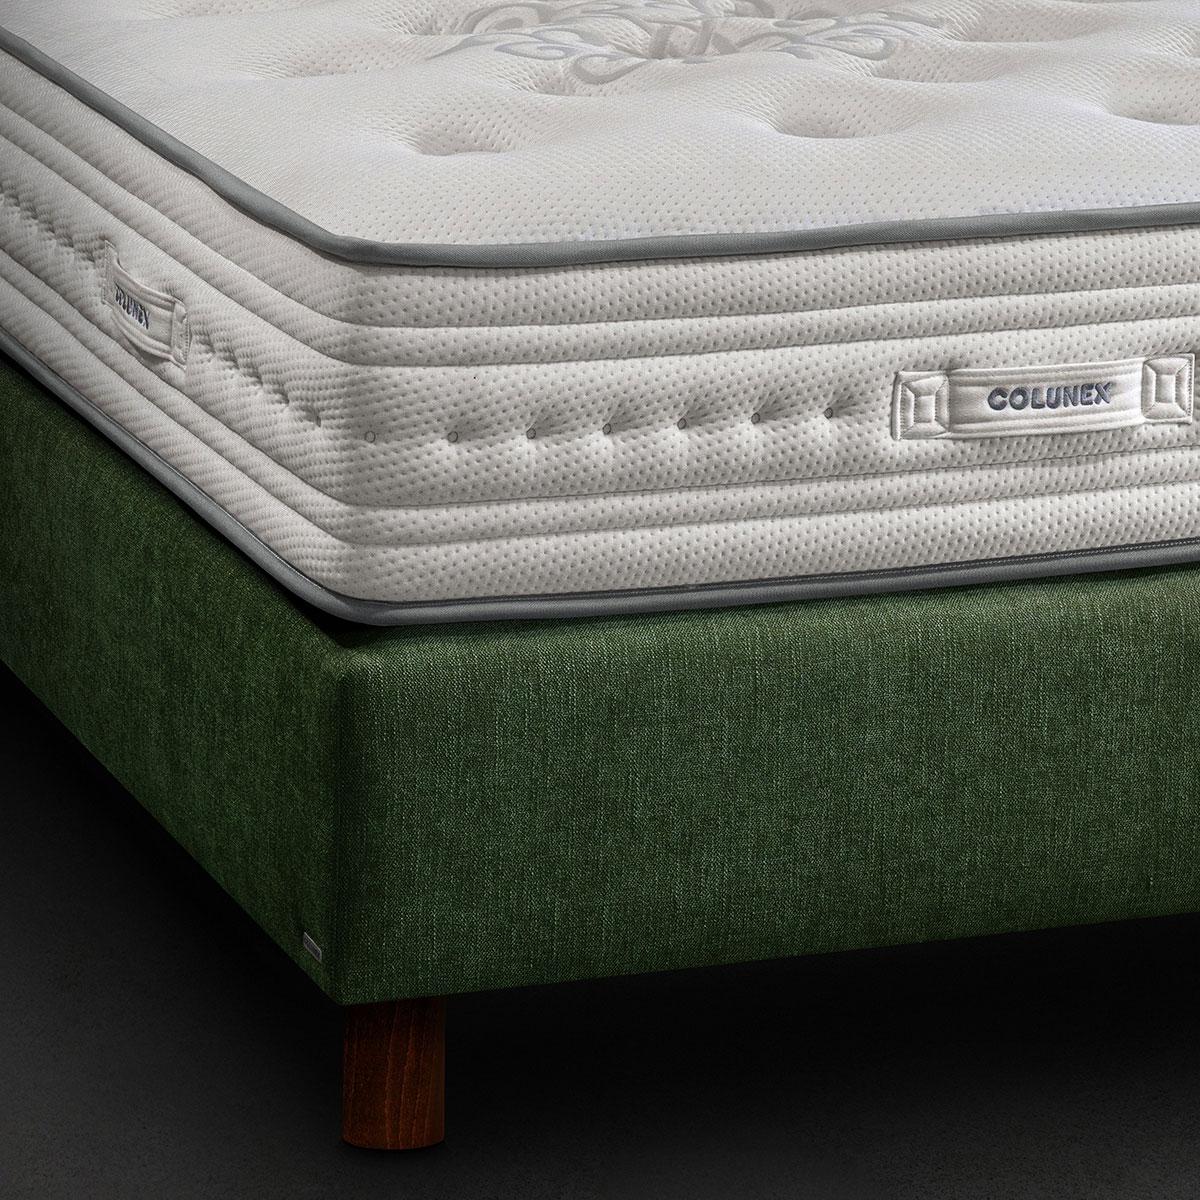 charm Matela Charm colunex charm mattress 01 3